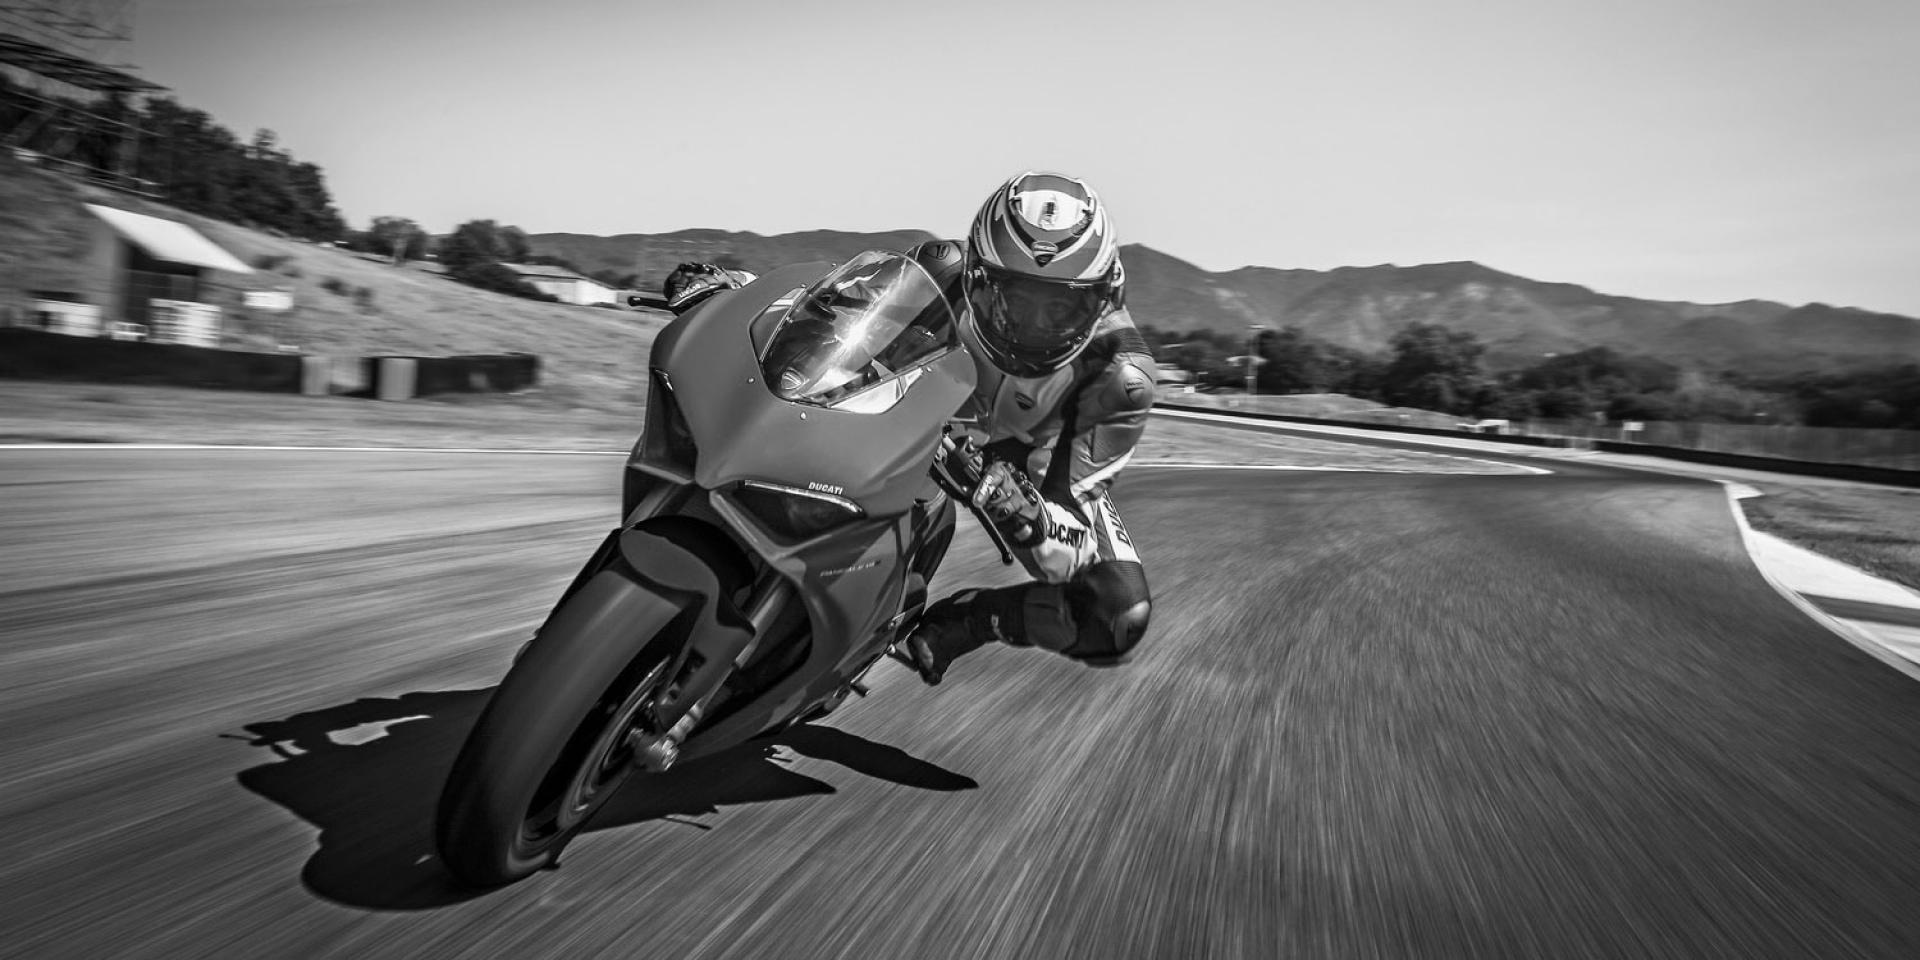 內藏隱憂。Ducati營收連八年成長